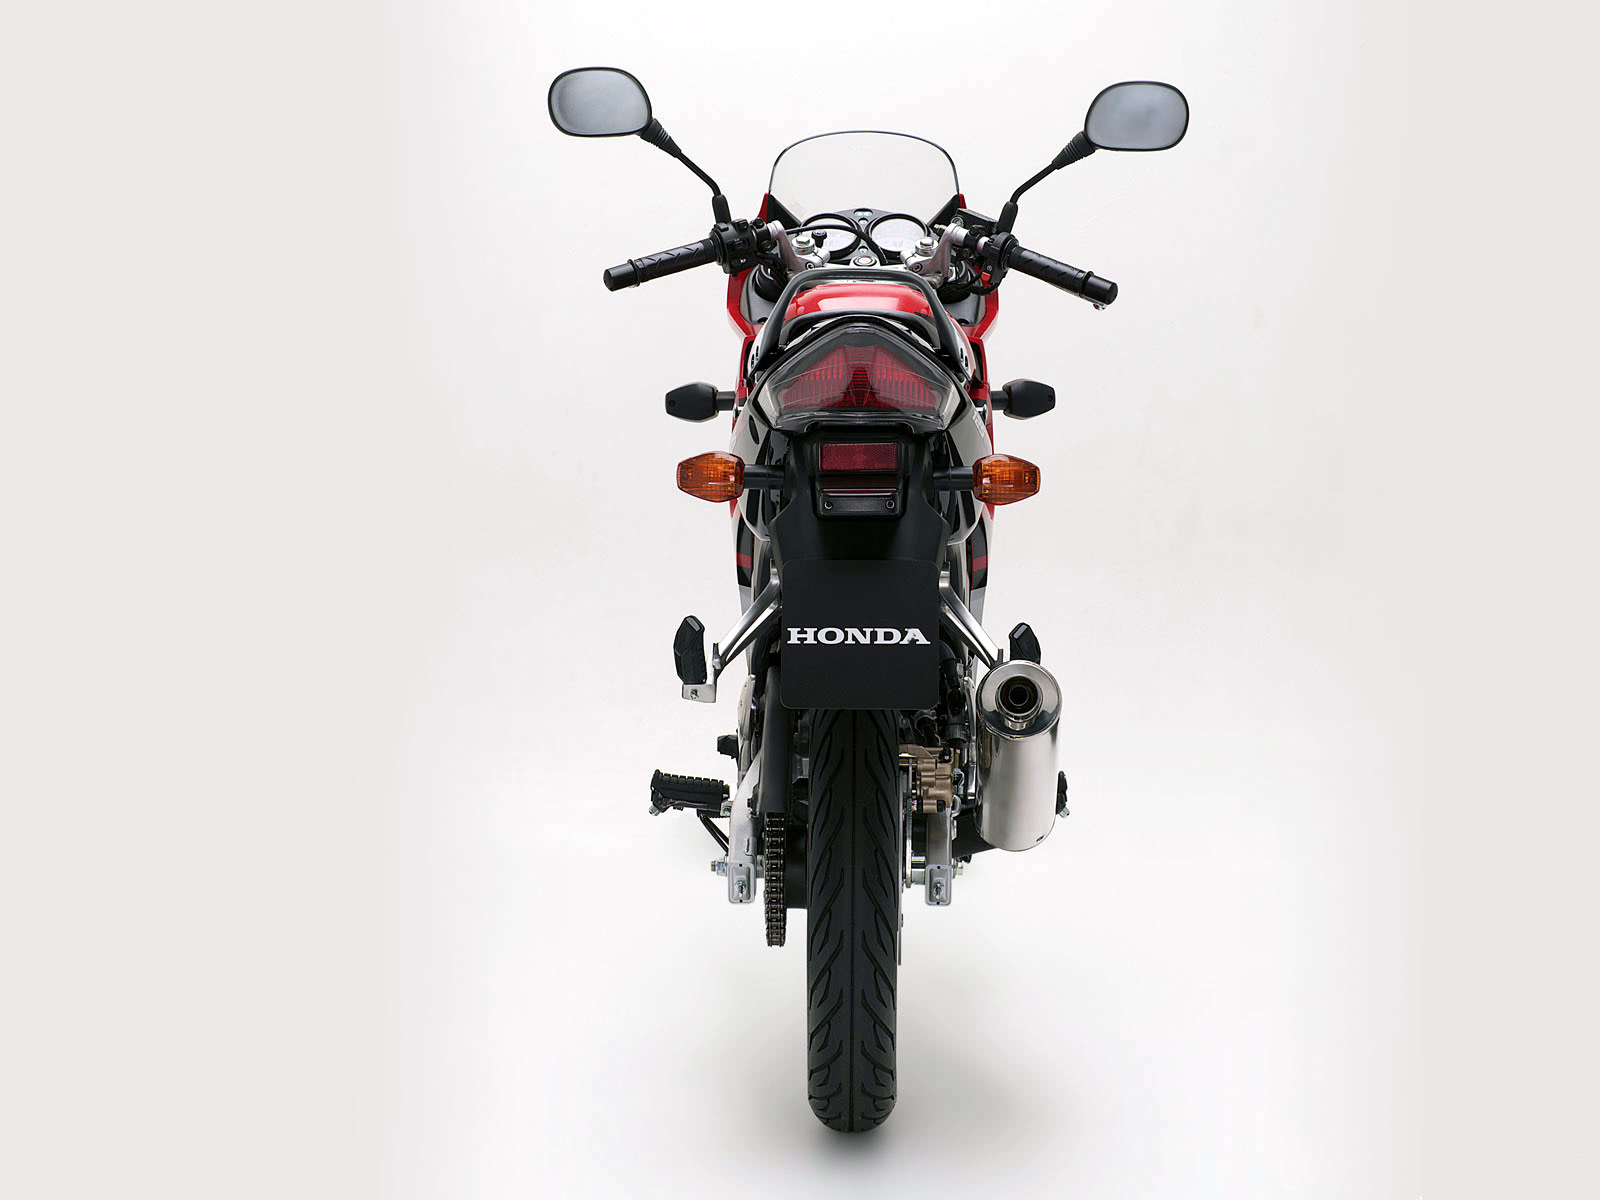 2006 Honda Cbr125r Motorcycle Desktop Wallpaper